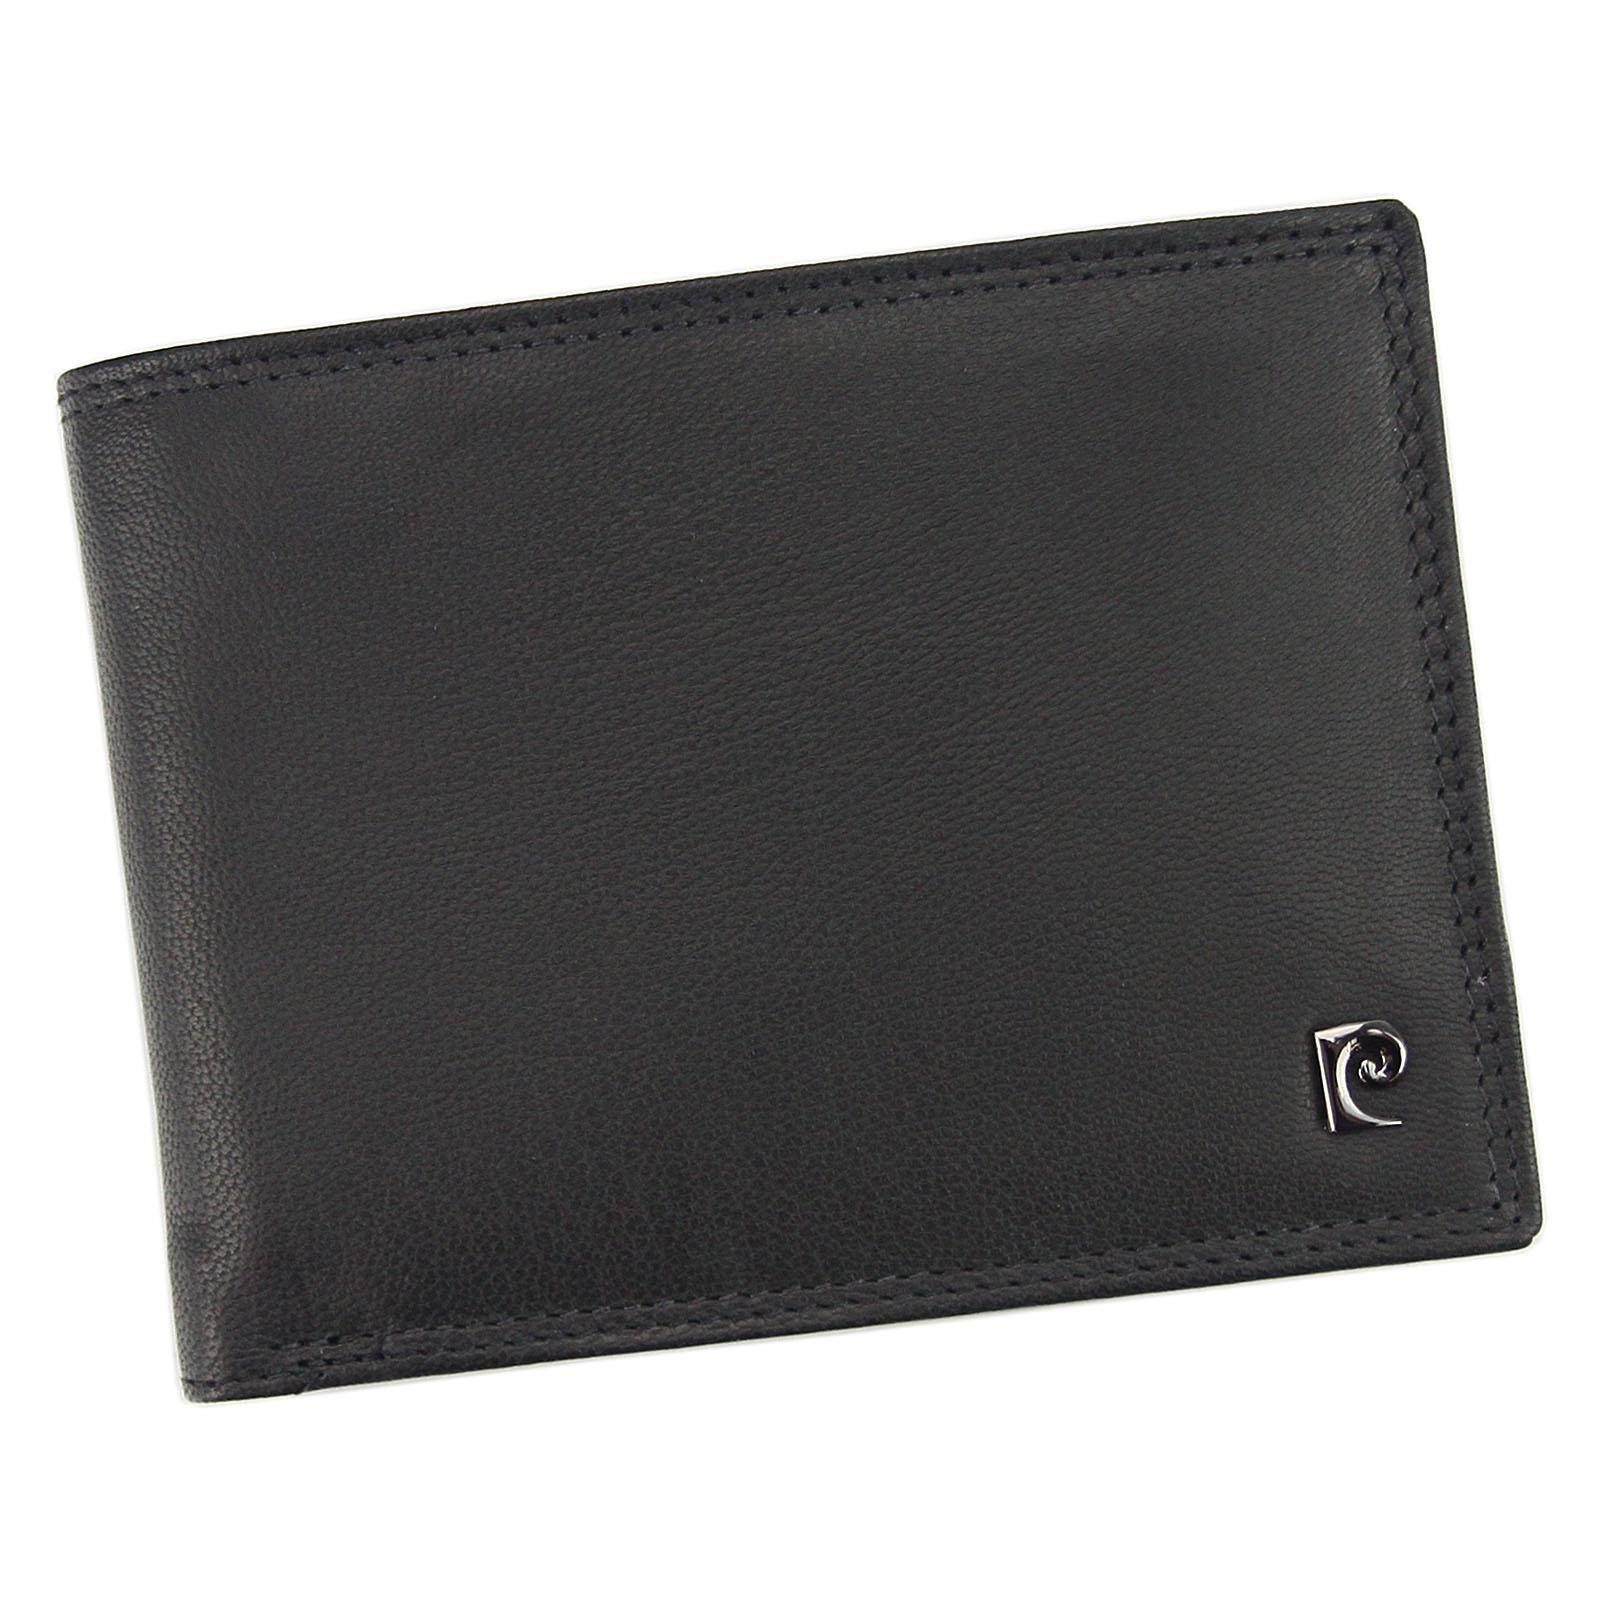 Pánska kožená peňaženka Pierre Cardin Vlado - čierna